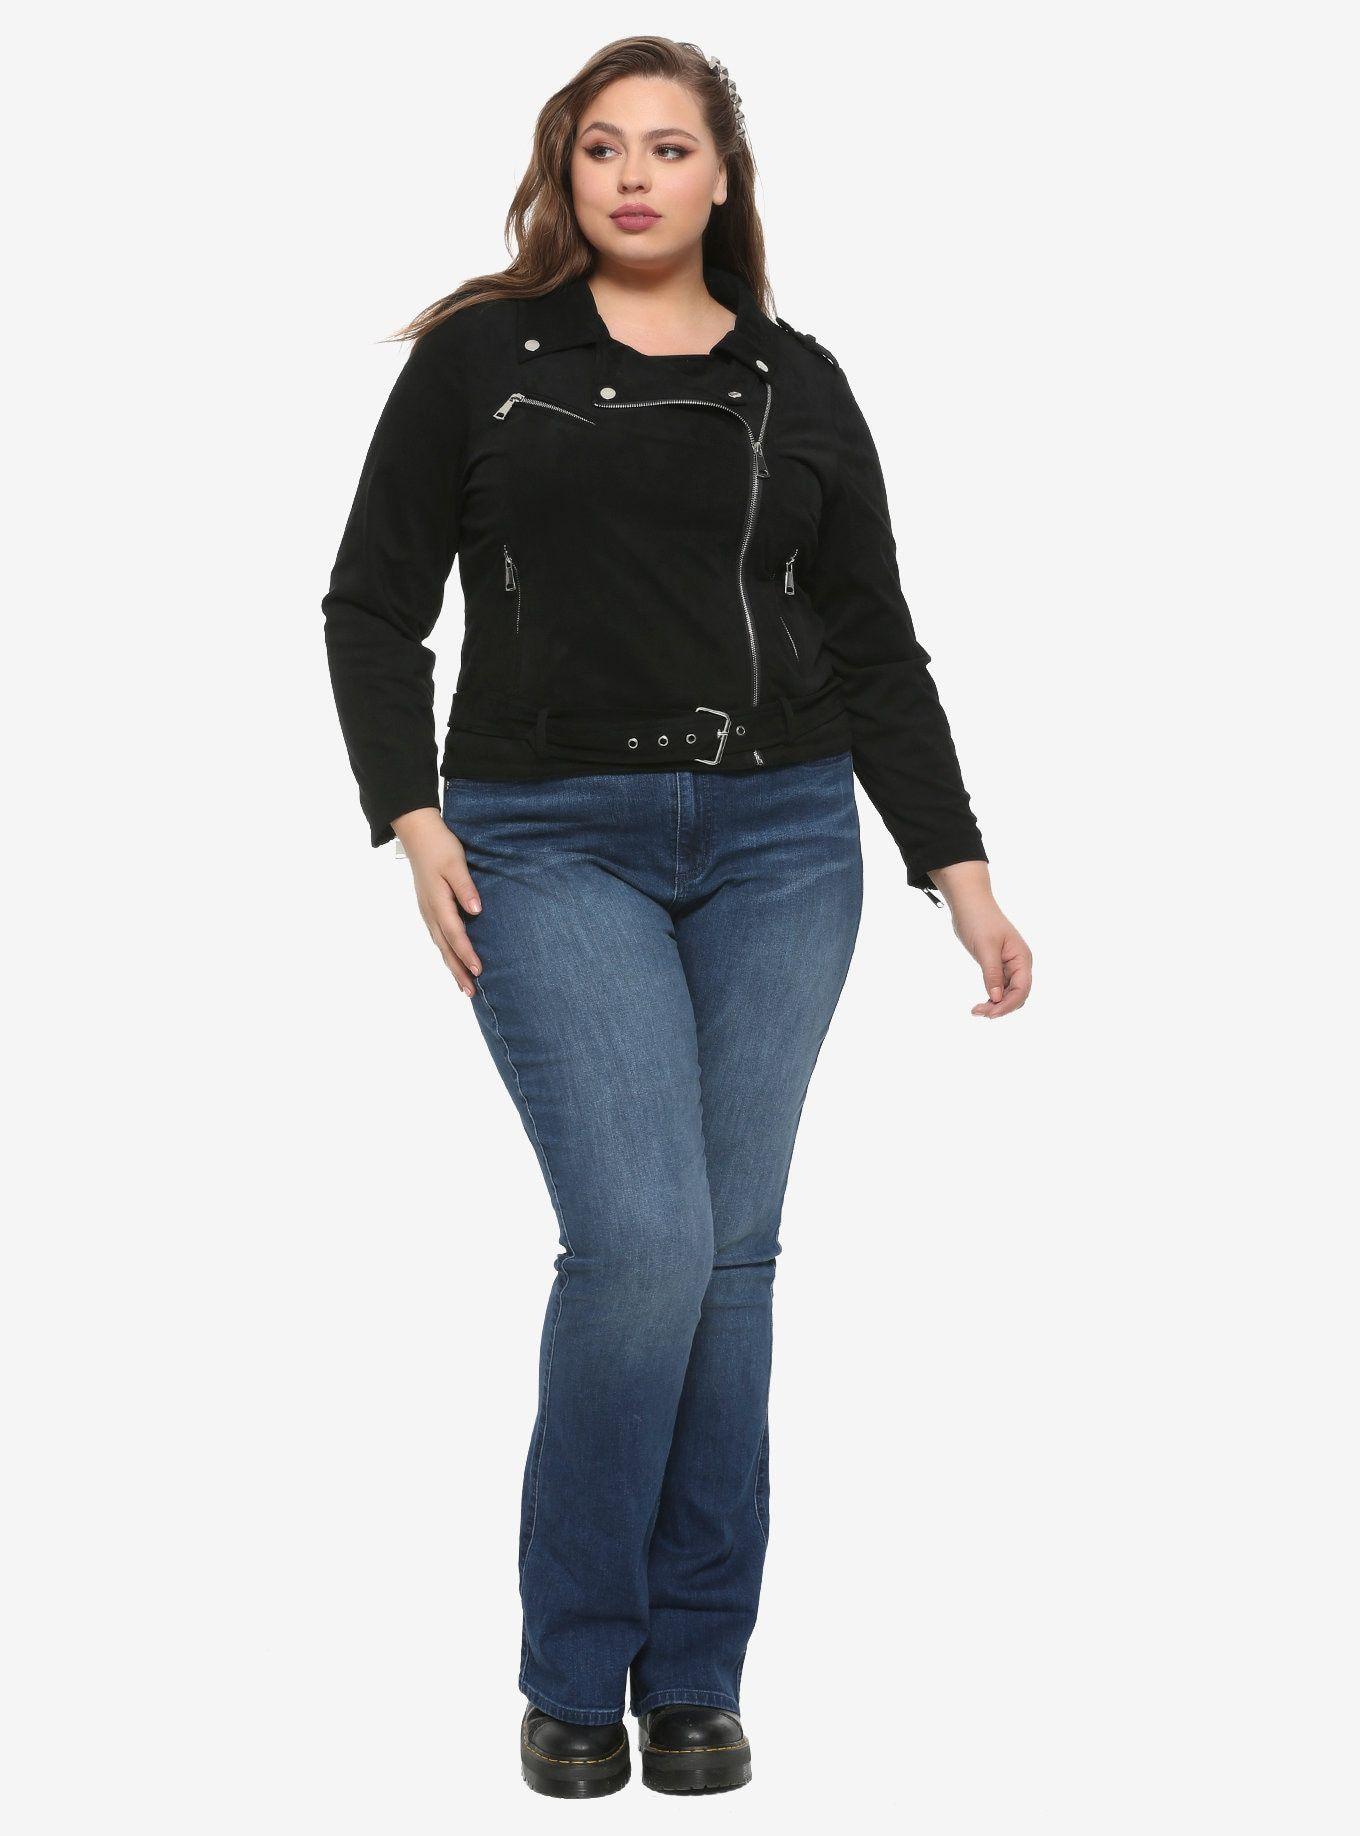 Black Faux Suede Girls Moto Jacket Plus Size in 2020